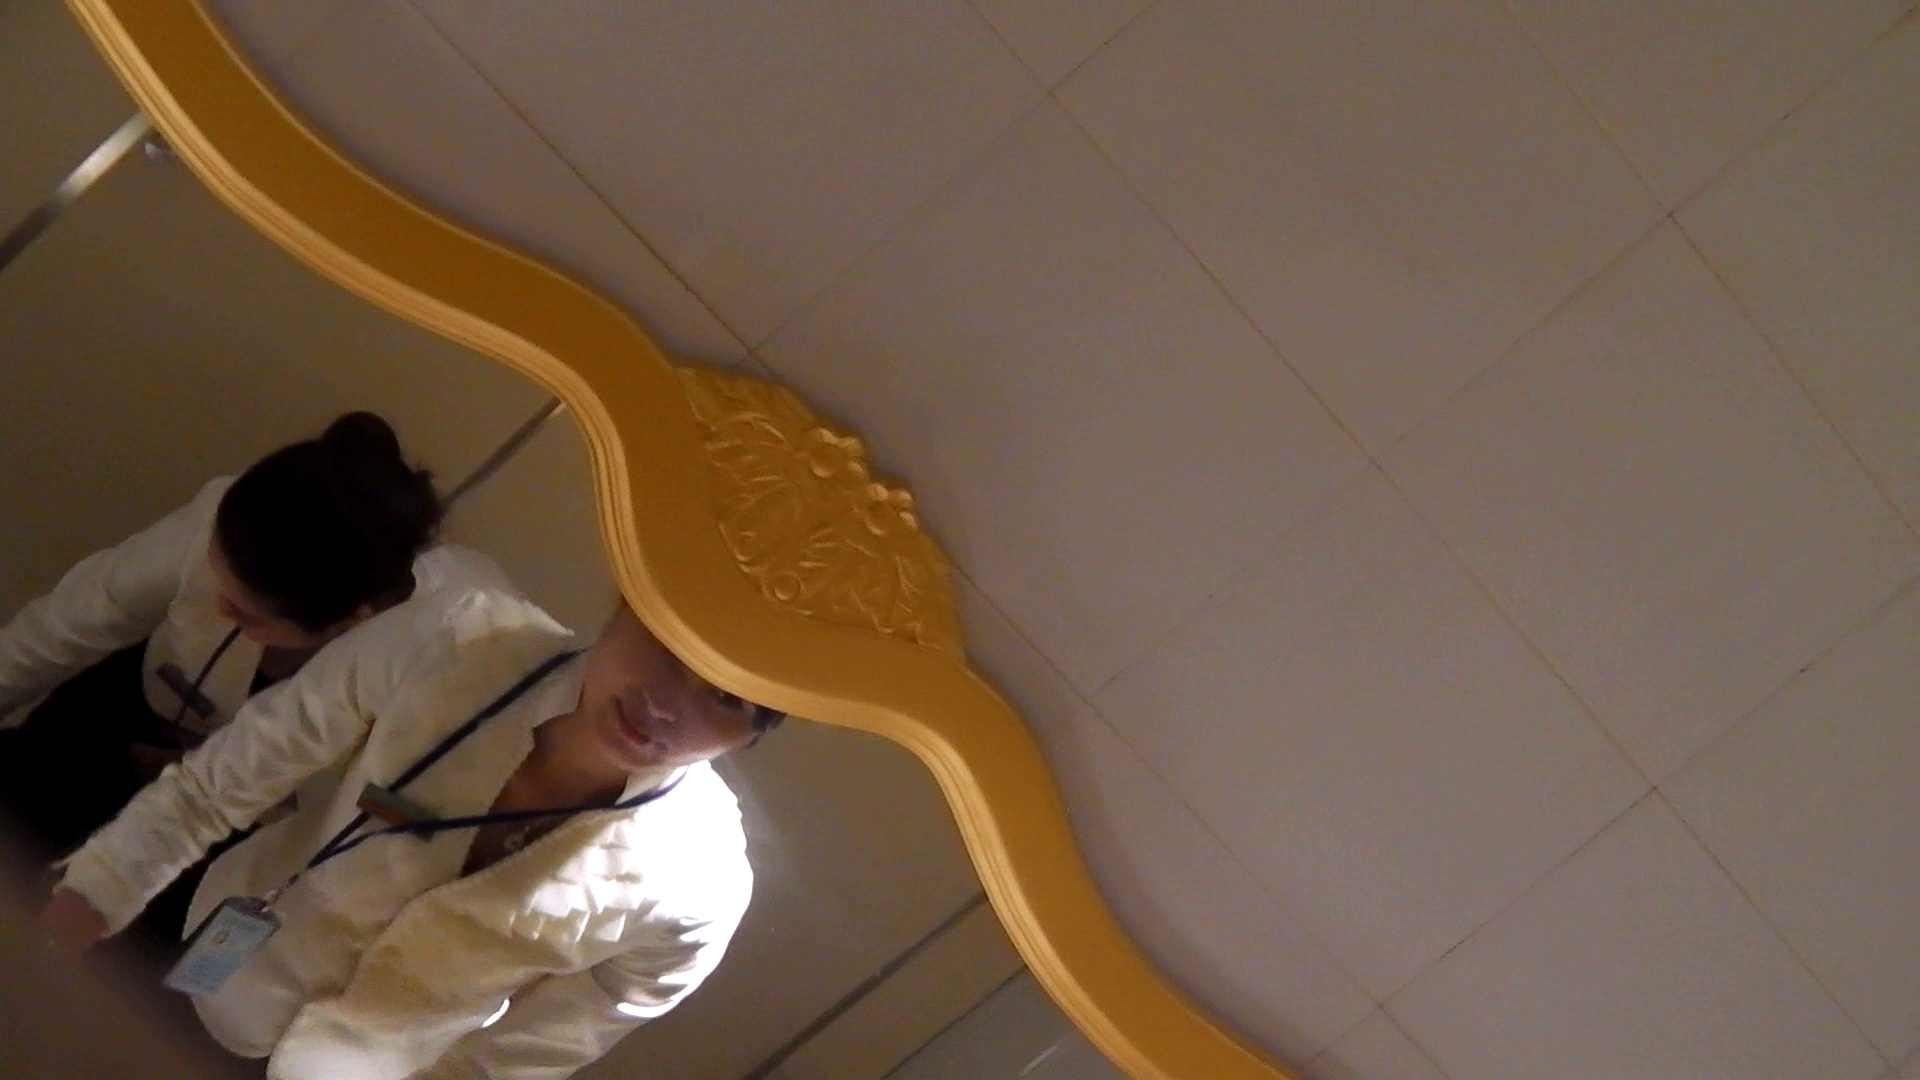 洗寿観音さんの 化粧室は四面楚歌Nol.2 エッチすぎるOL達  97連発 92